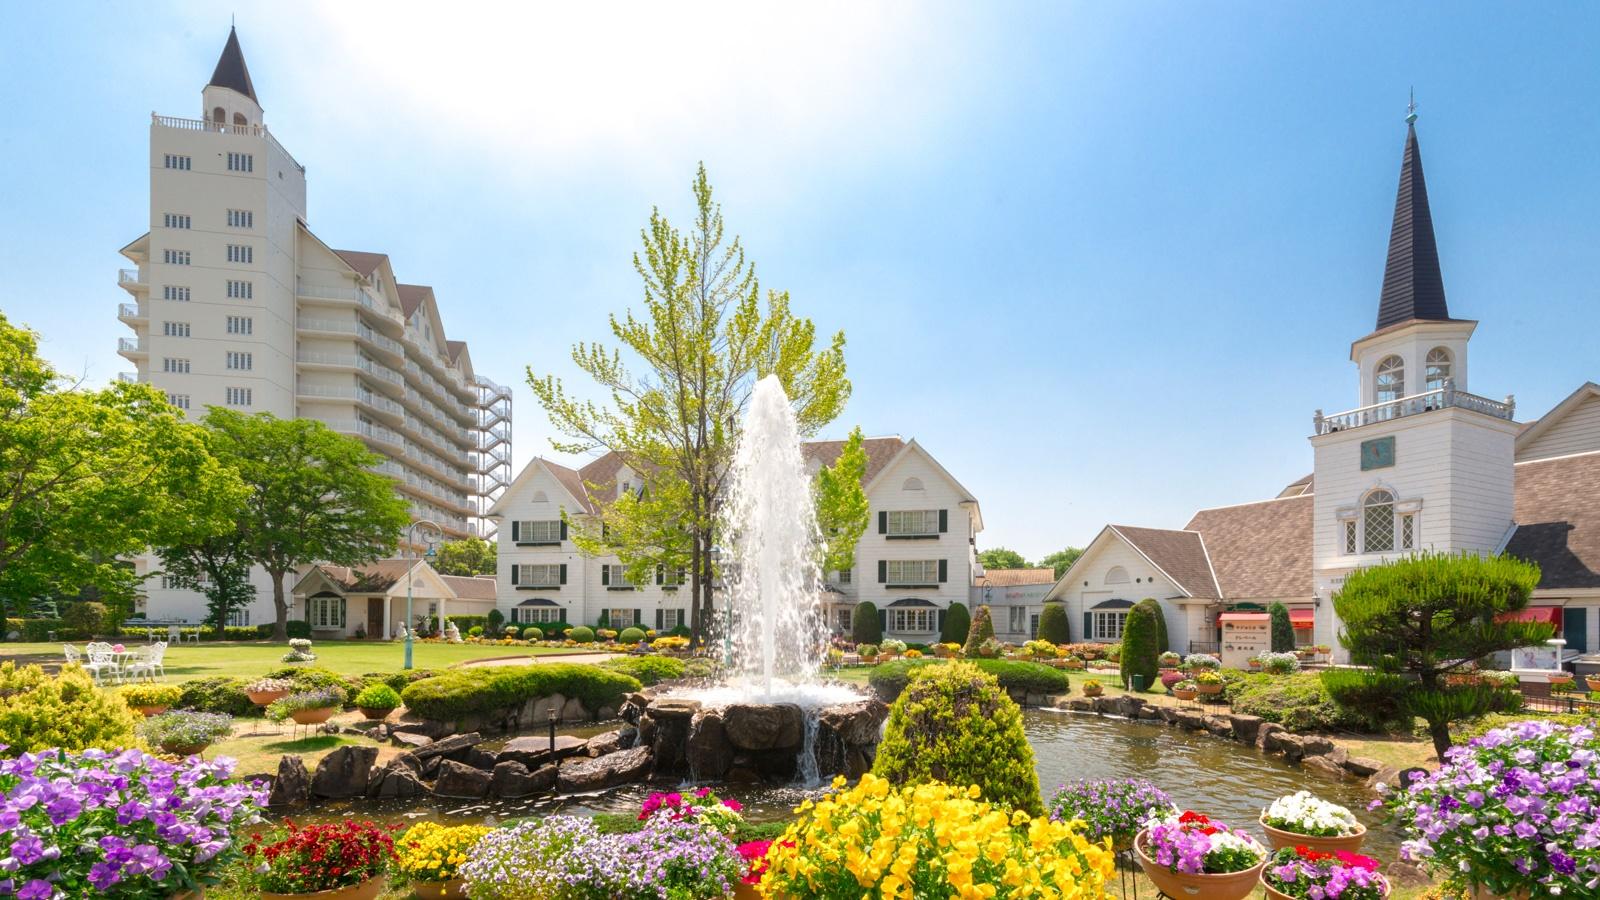 ホテルグリーンプラザ東条湖 image